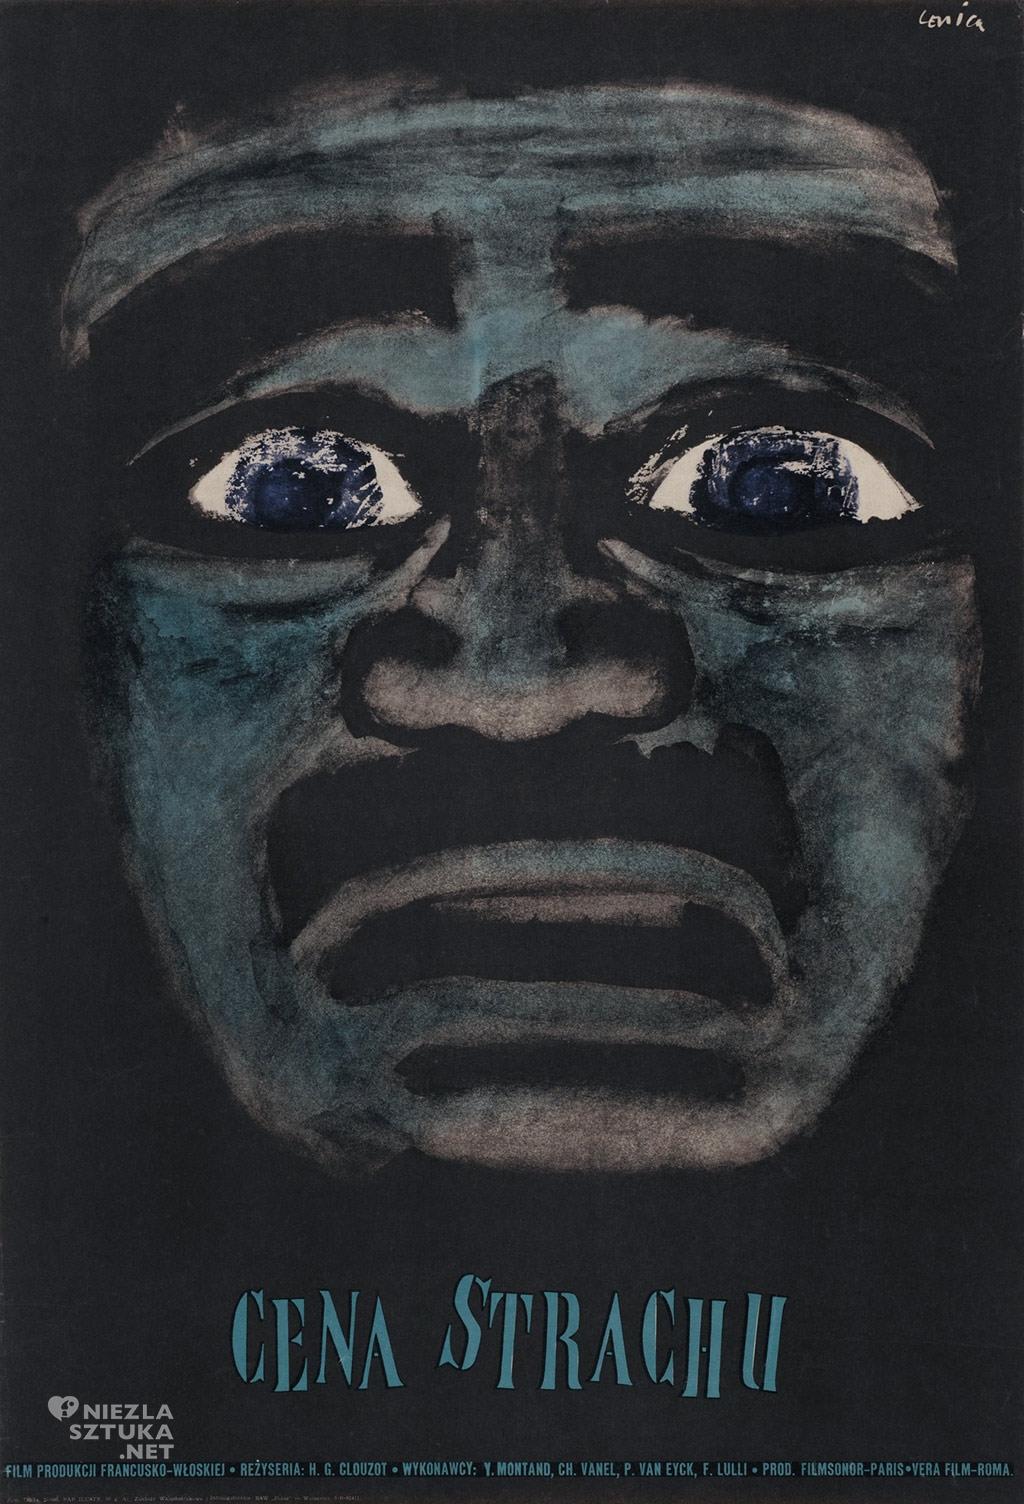 Jan Lenica, cena strachu, plakat, niezła sztuka